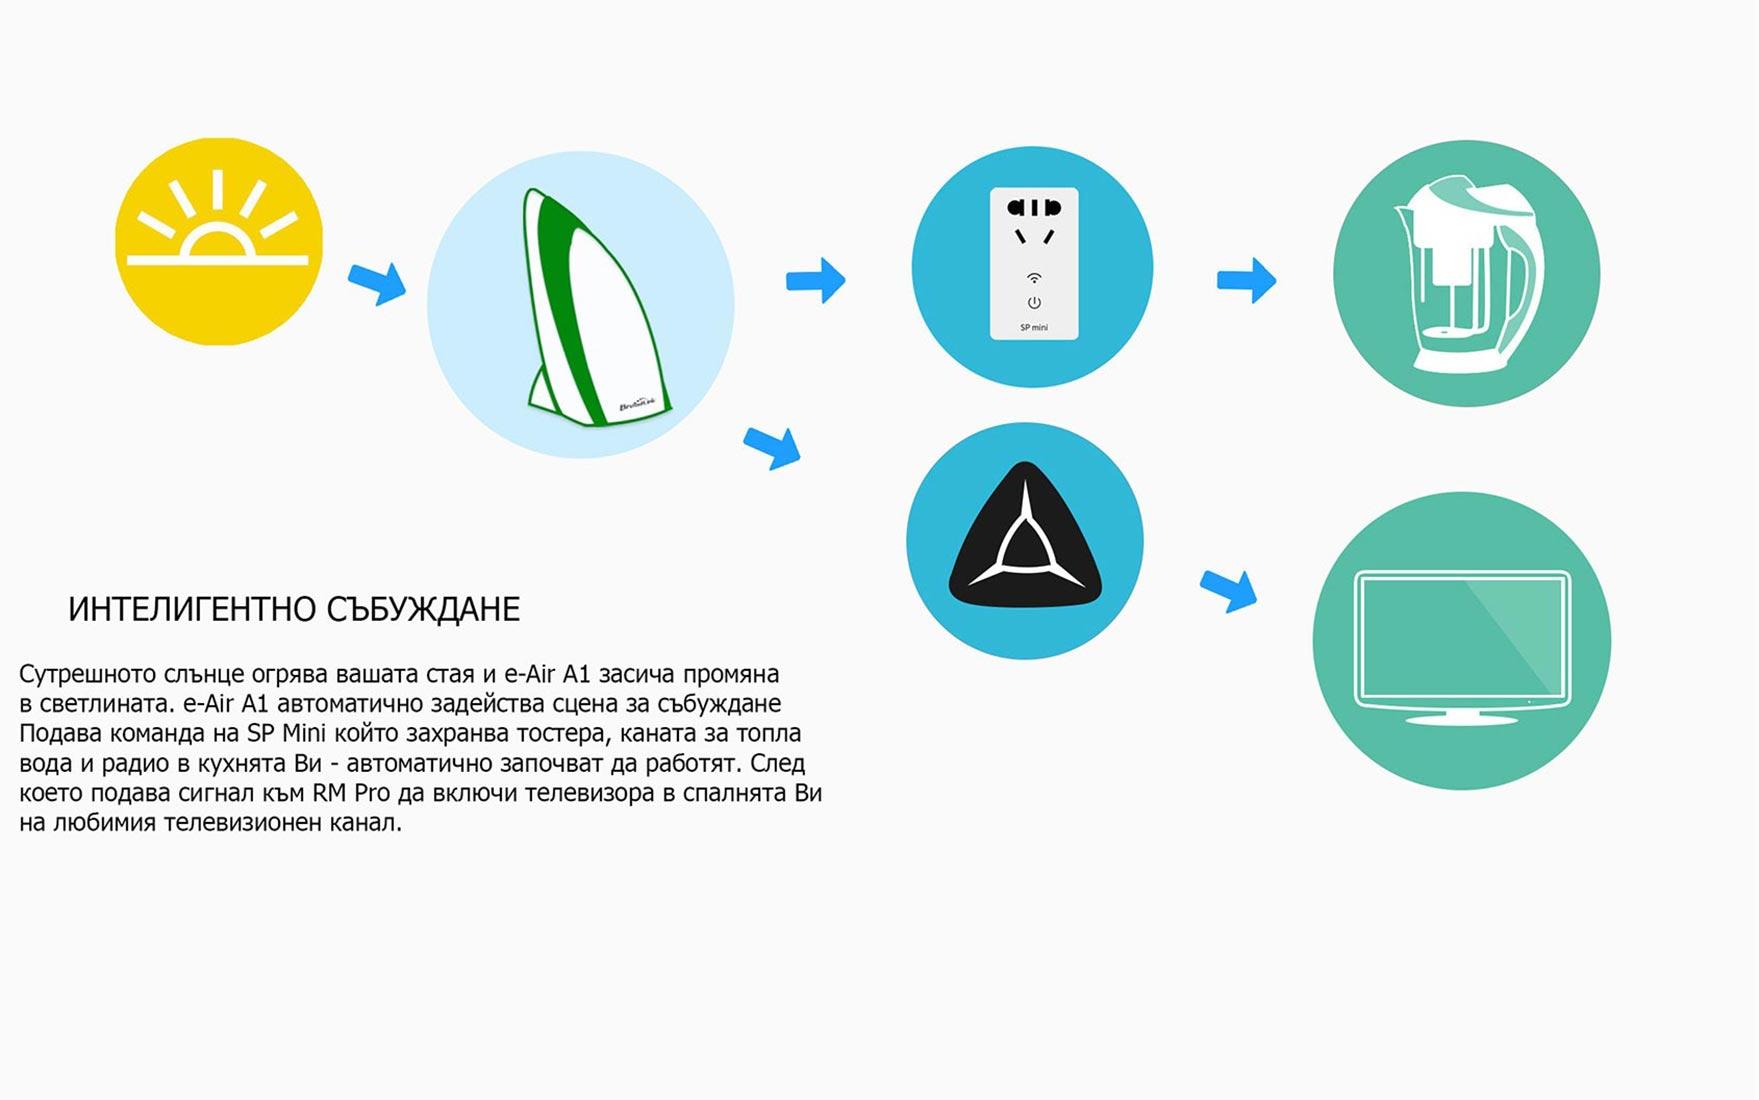 BroadLink e-Air A1 - Интелигентно събуждане